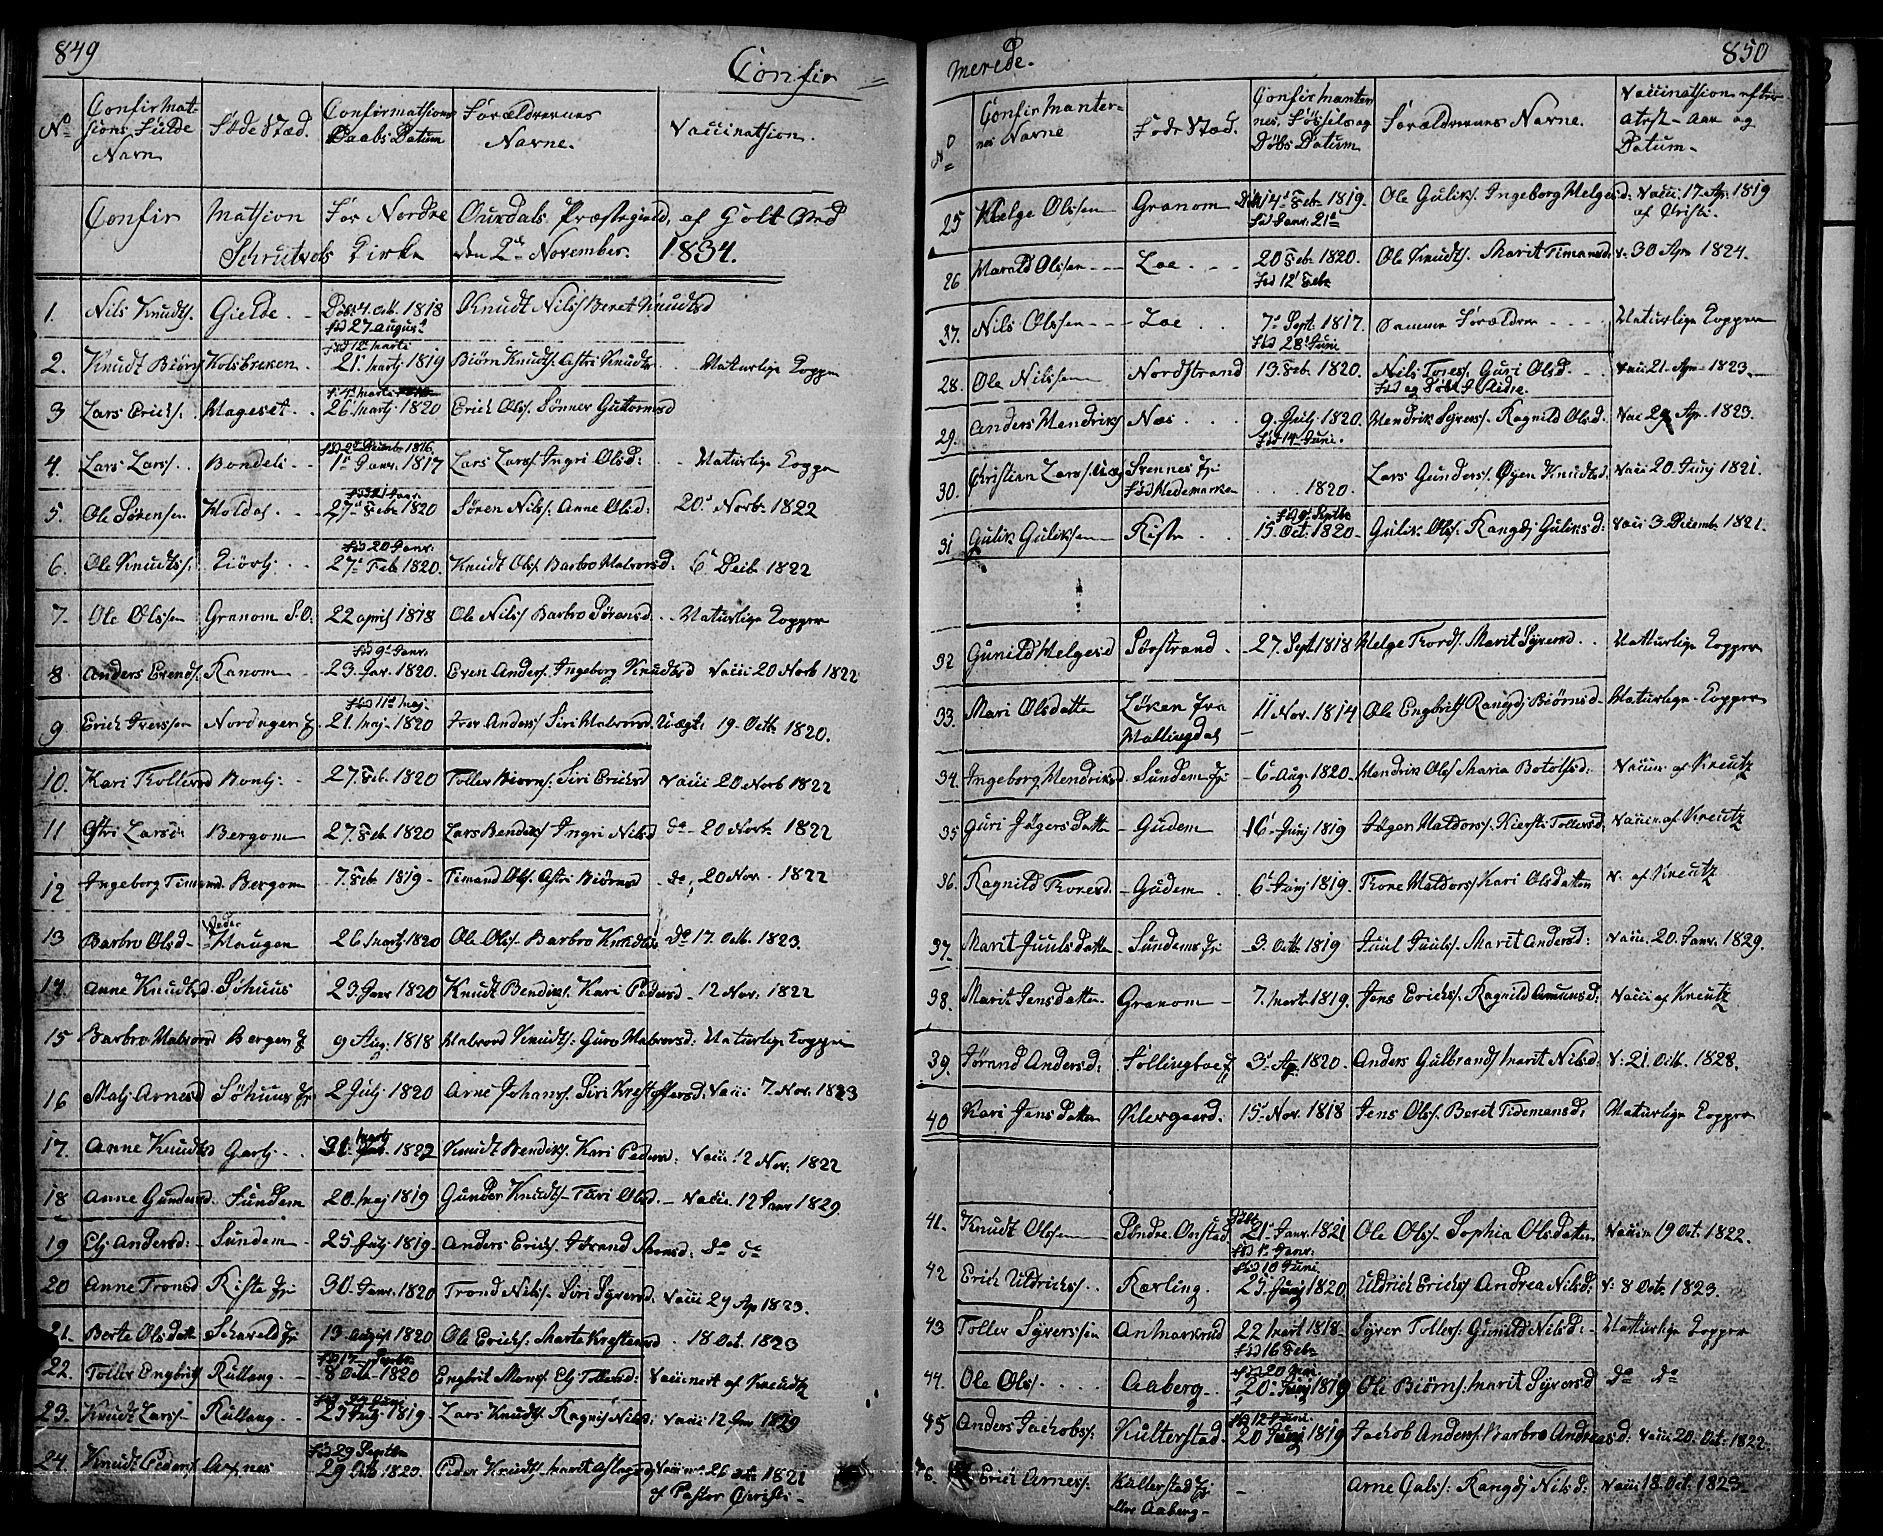 SAH, Nord-Aurdal prestekontor, Klokkerbok nr. 1, 1834-1887, s. 849-850